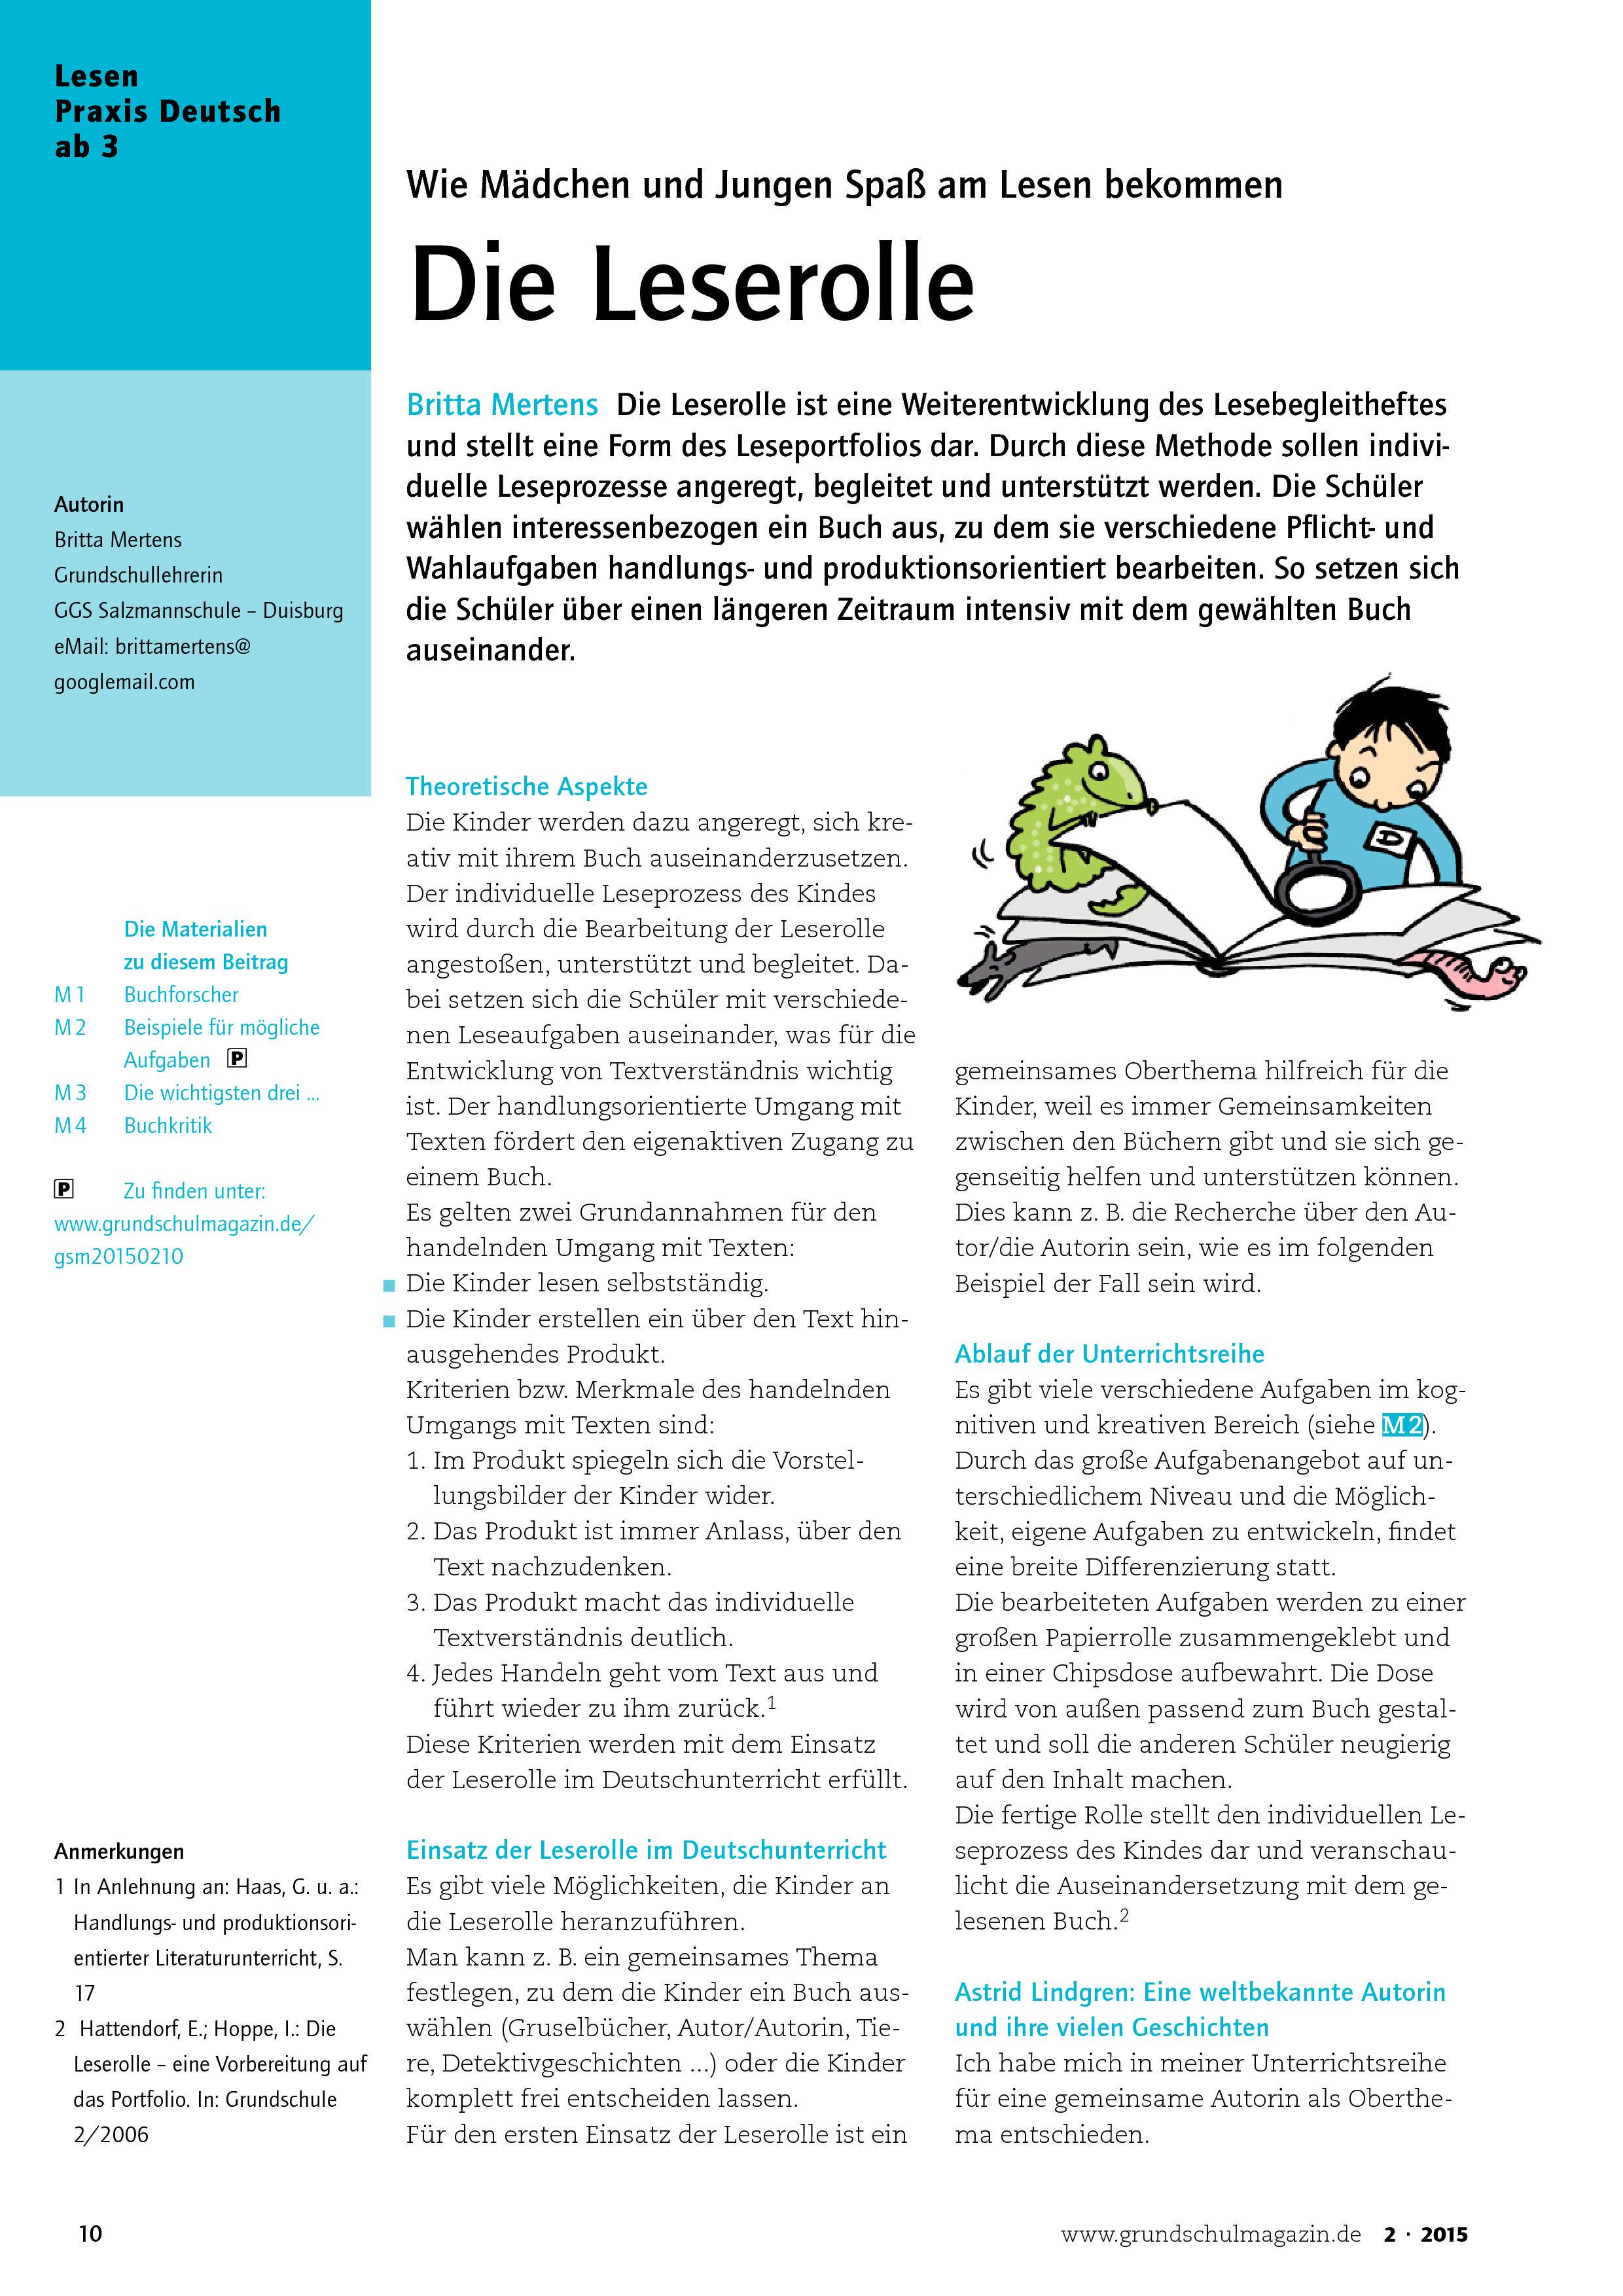 Die Leserolle | Zeitraum, Zeitschriften und Form